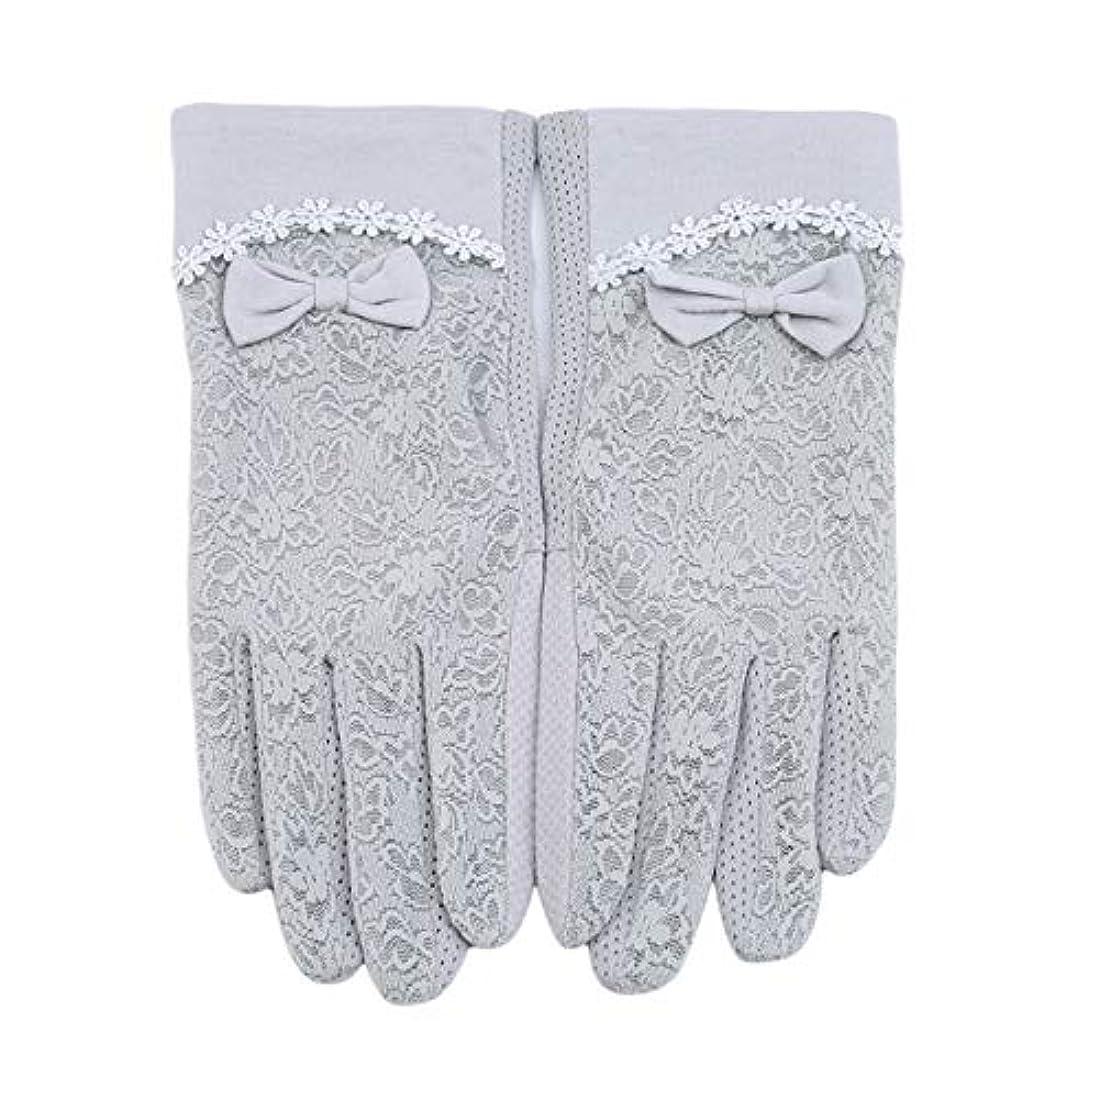 知るからに変化するバイオリニストMODMHB 手袋 UVカット 手触りが良い 紫外線カット 日焼け防止 ハンド ケア 手荒い対策 保湿 保護 抗菌 防臭